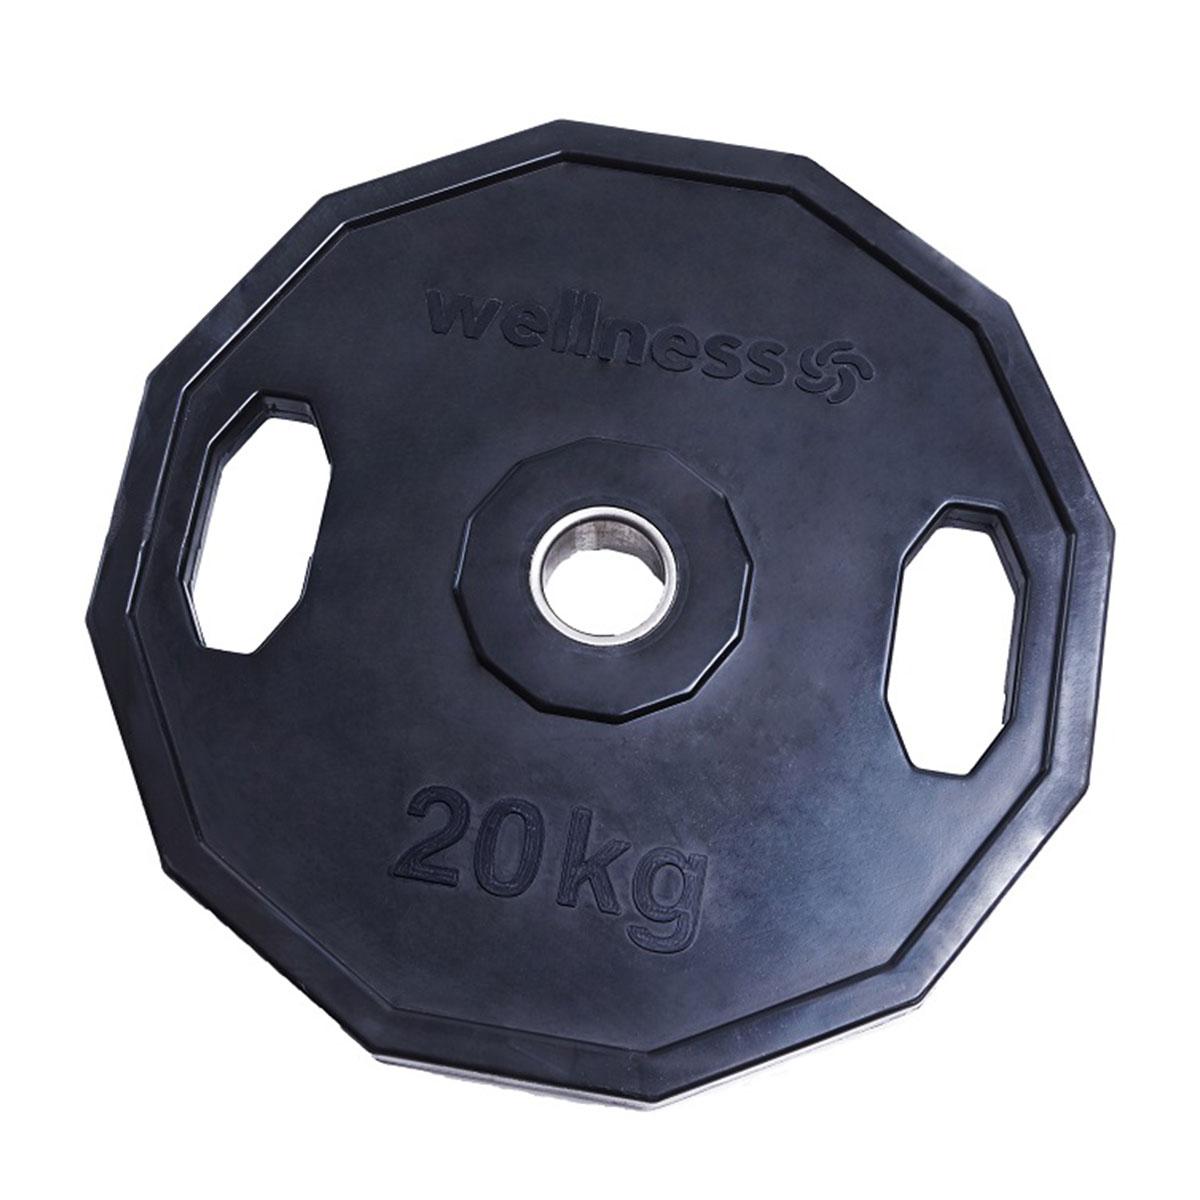 Anilha Emborrachada Furação Olímpica 12 faces 20,00kg Wellness